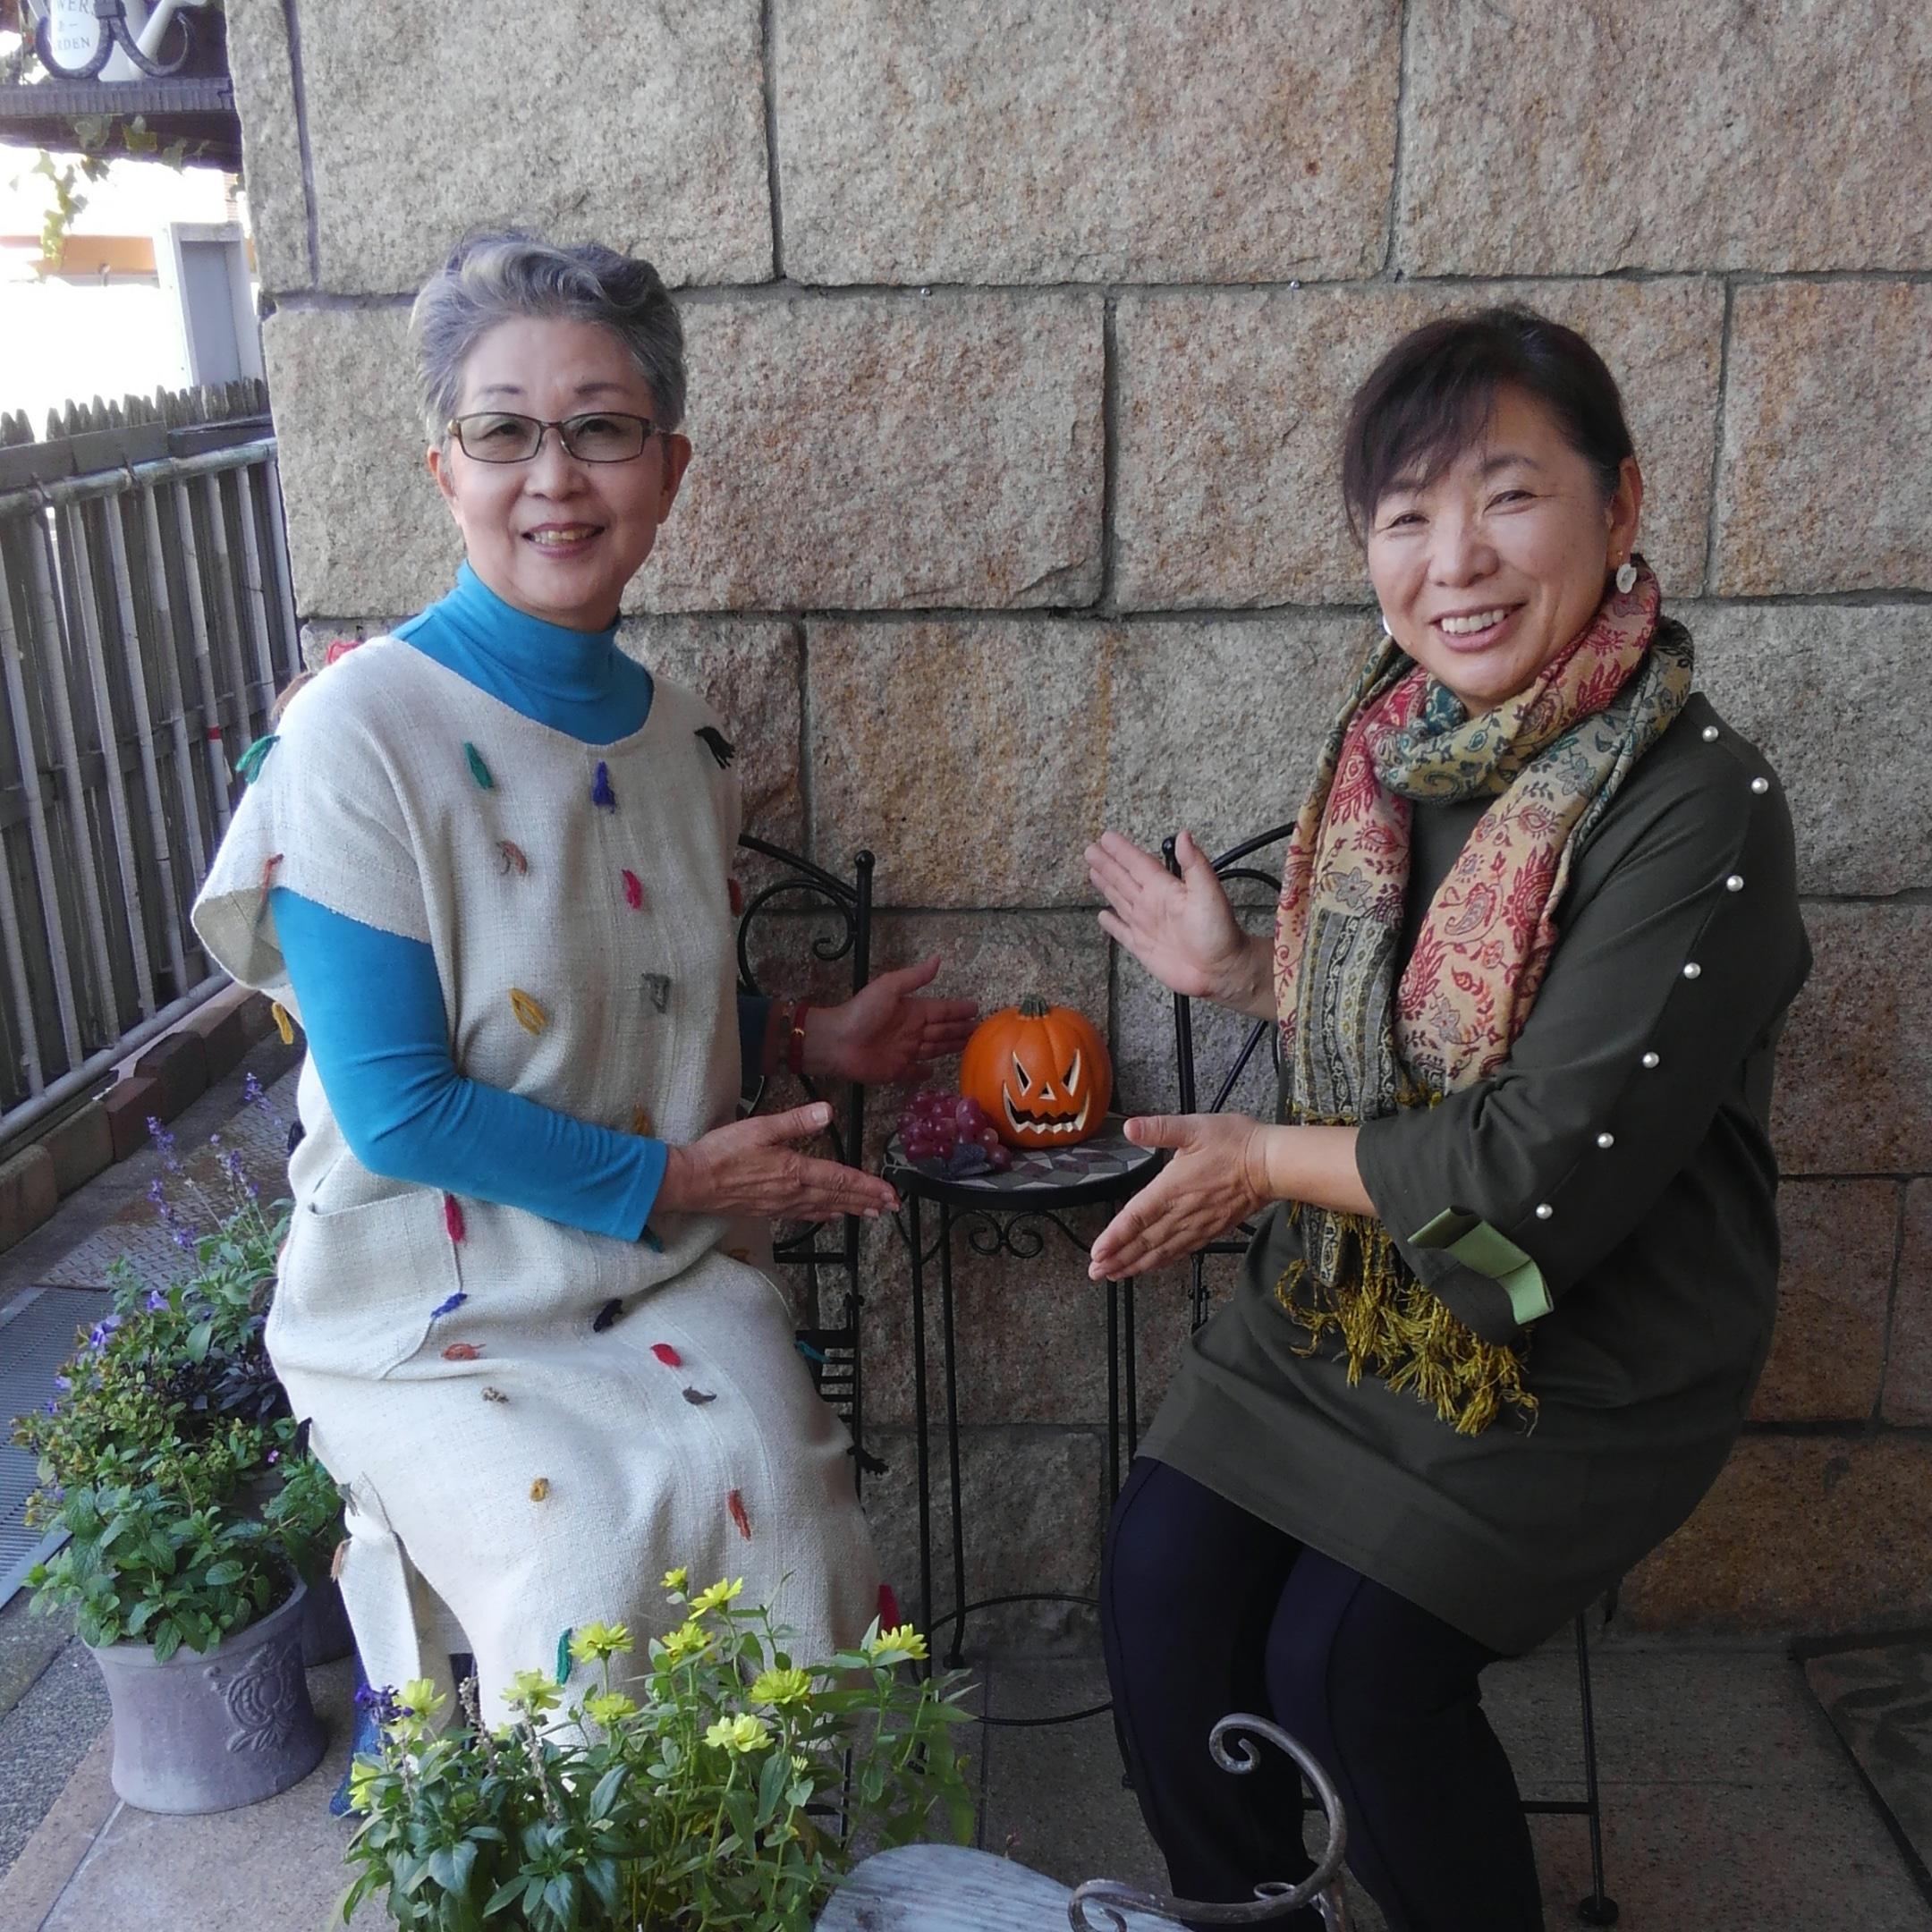 長岡京市の《Cafe 森》さんでランチミーティングに参加しました🍄